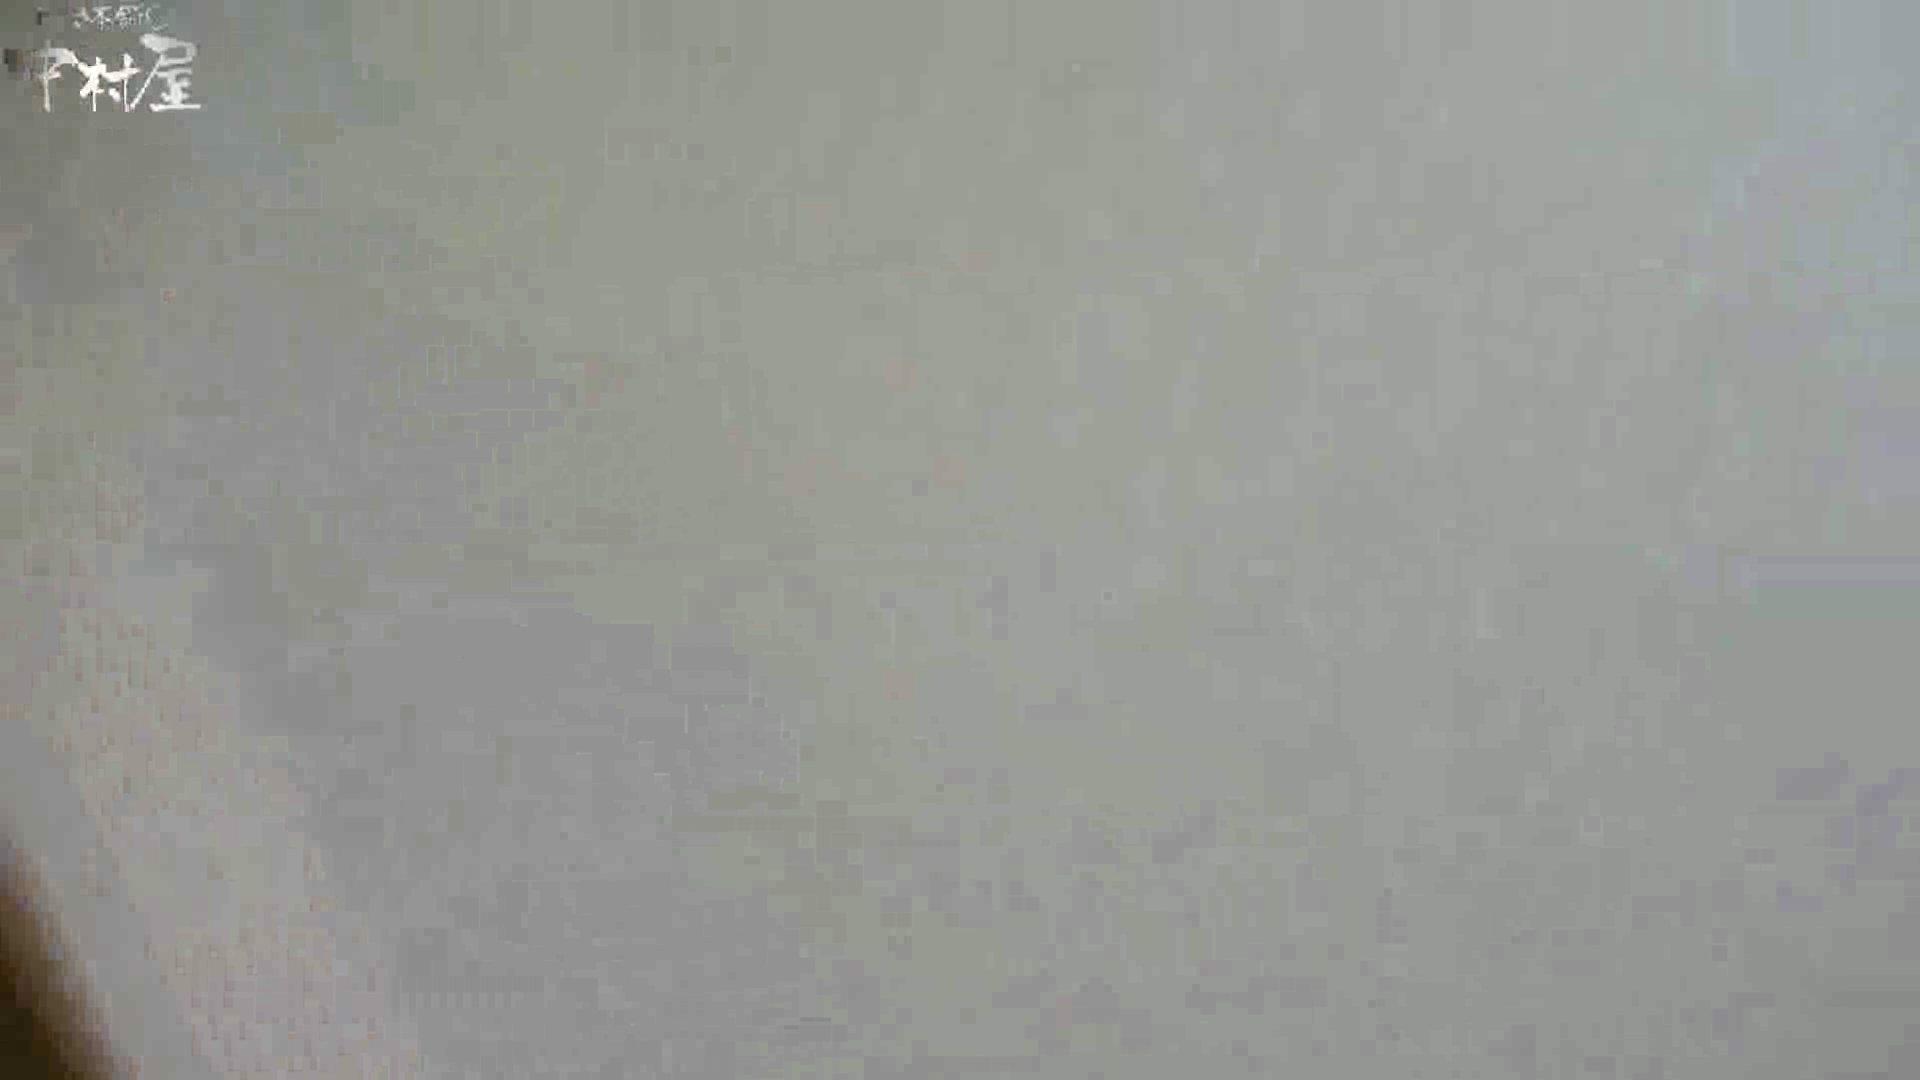 ネムリ姫 vol.56 前編 お姉さんの下半身  97PIX 60